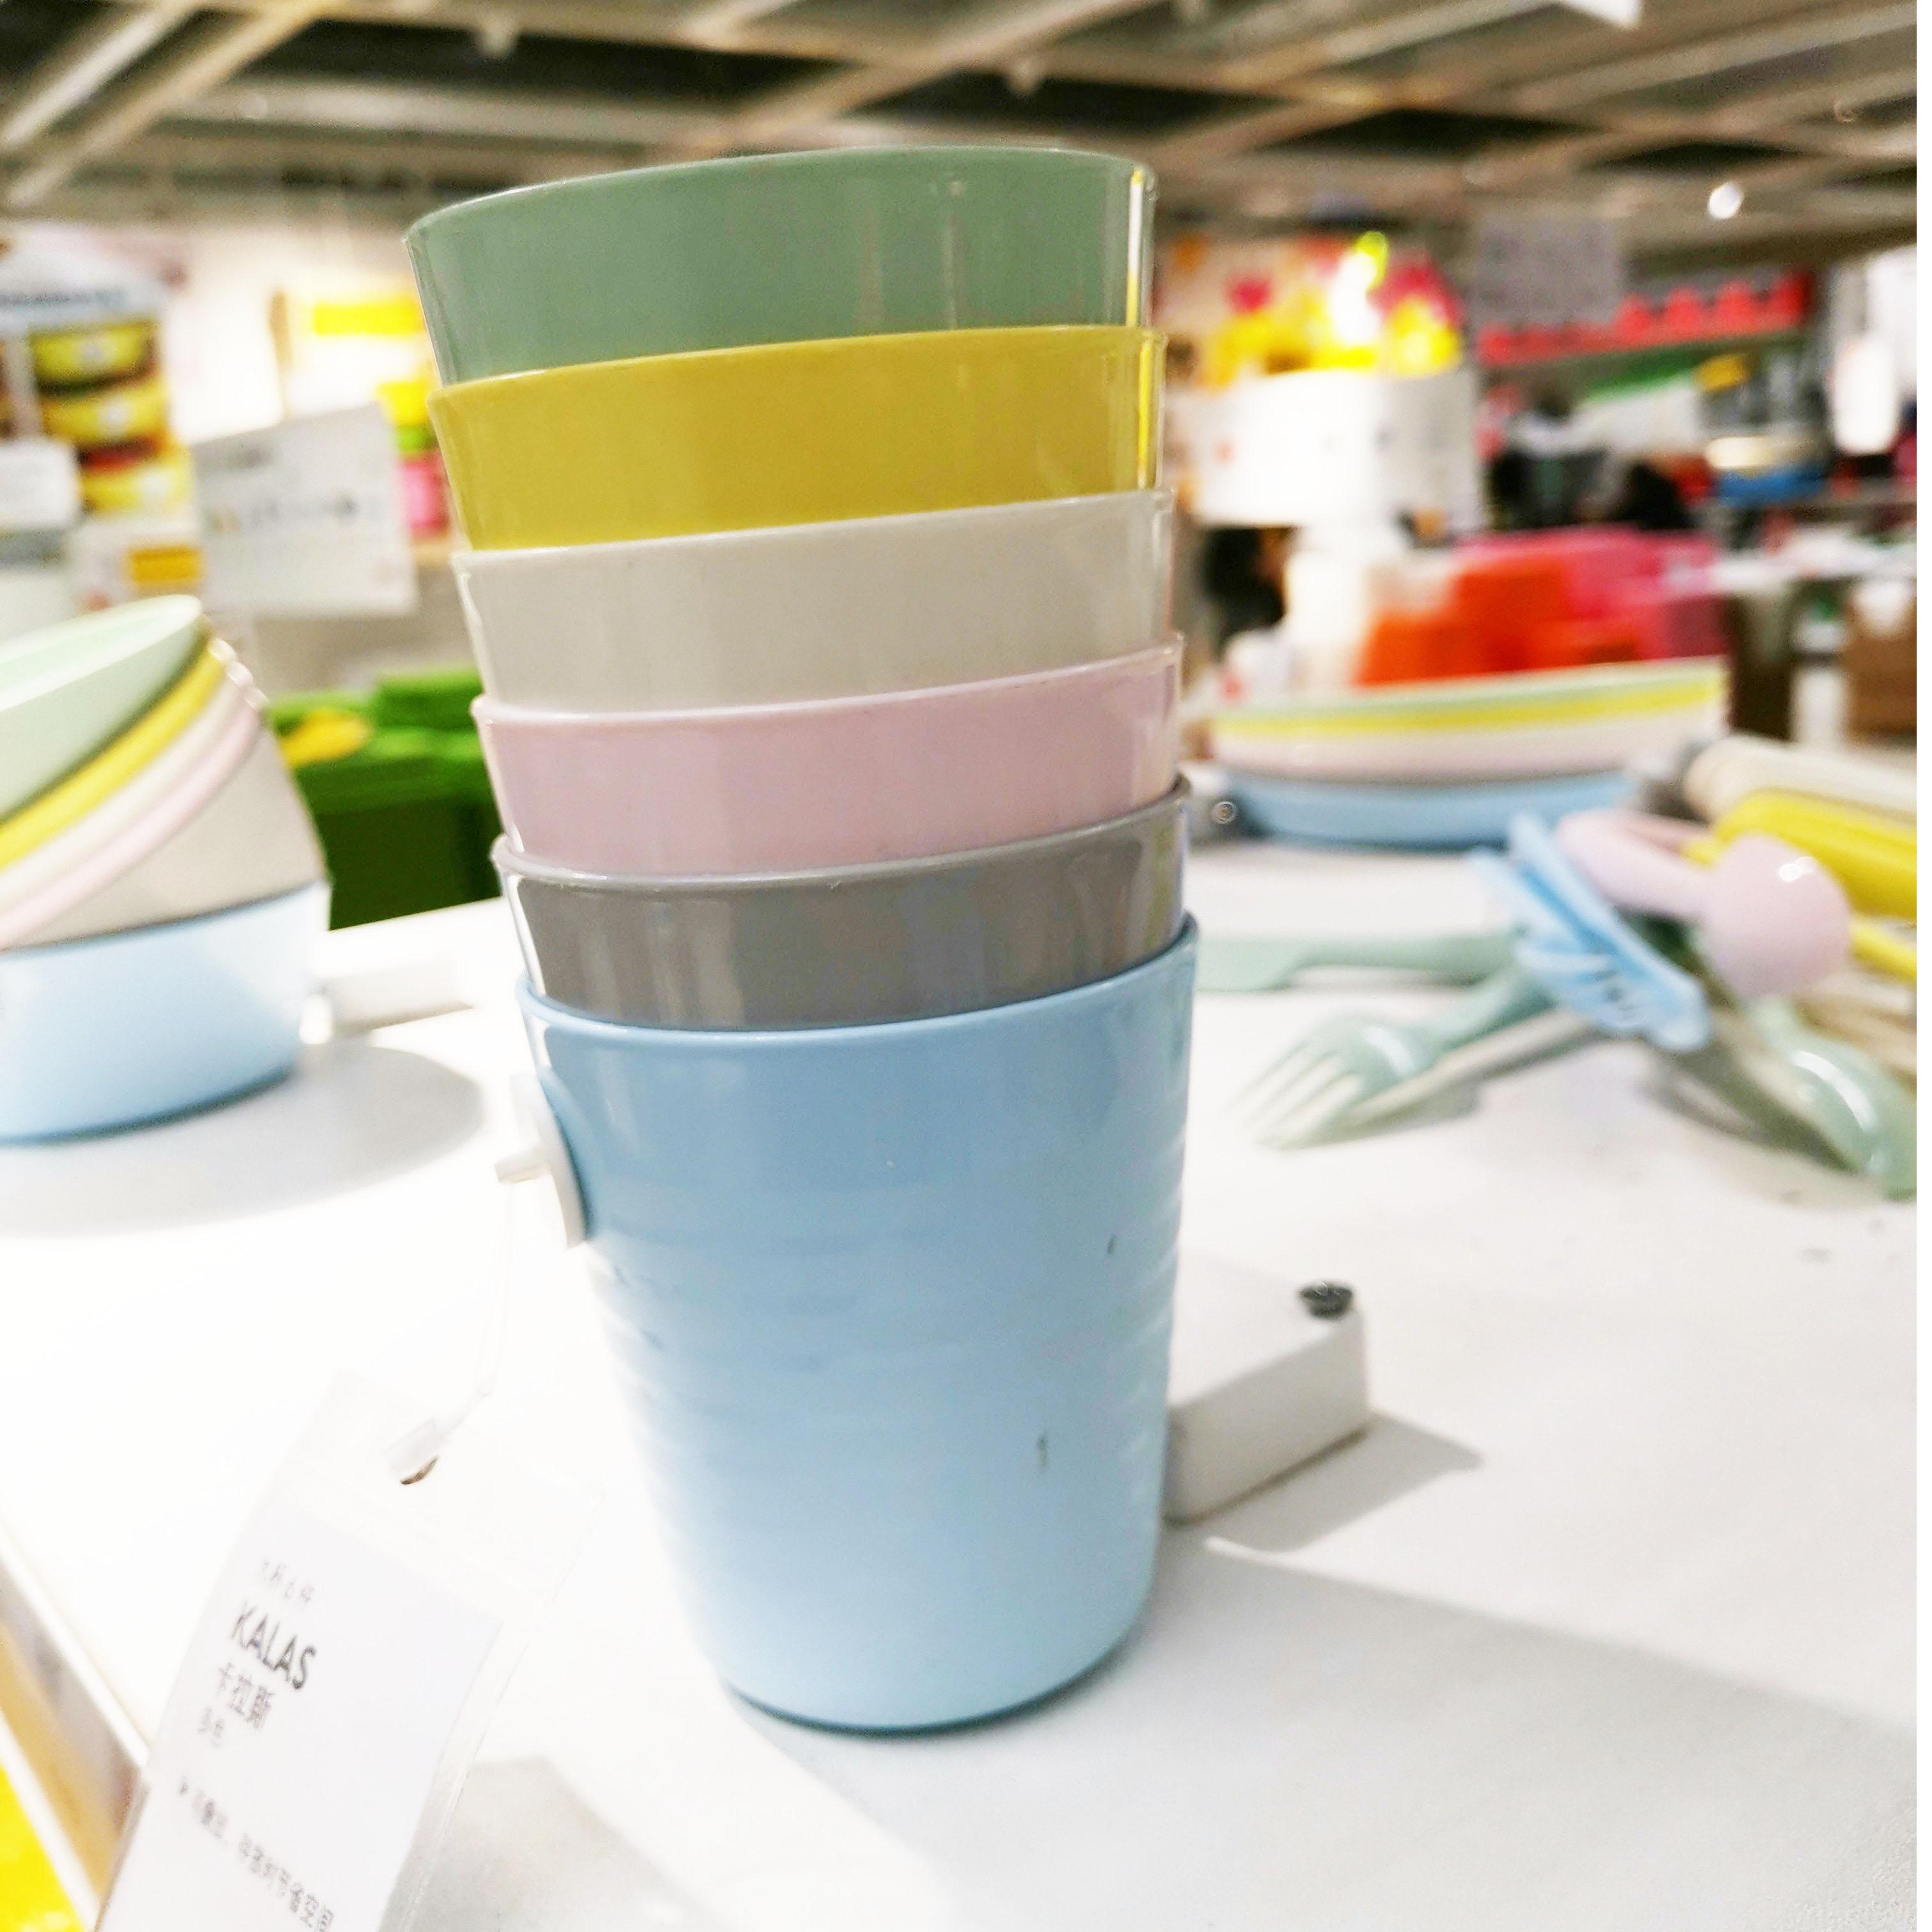 宜家 卡拉斯  大杯喝水杯餐具塑料杯碗盘刀叉勺 多色环保